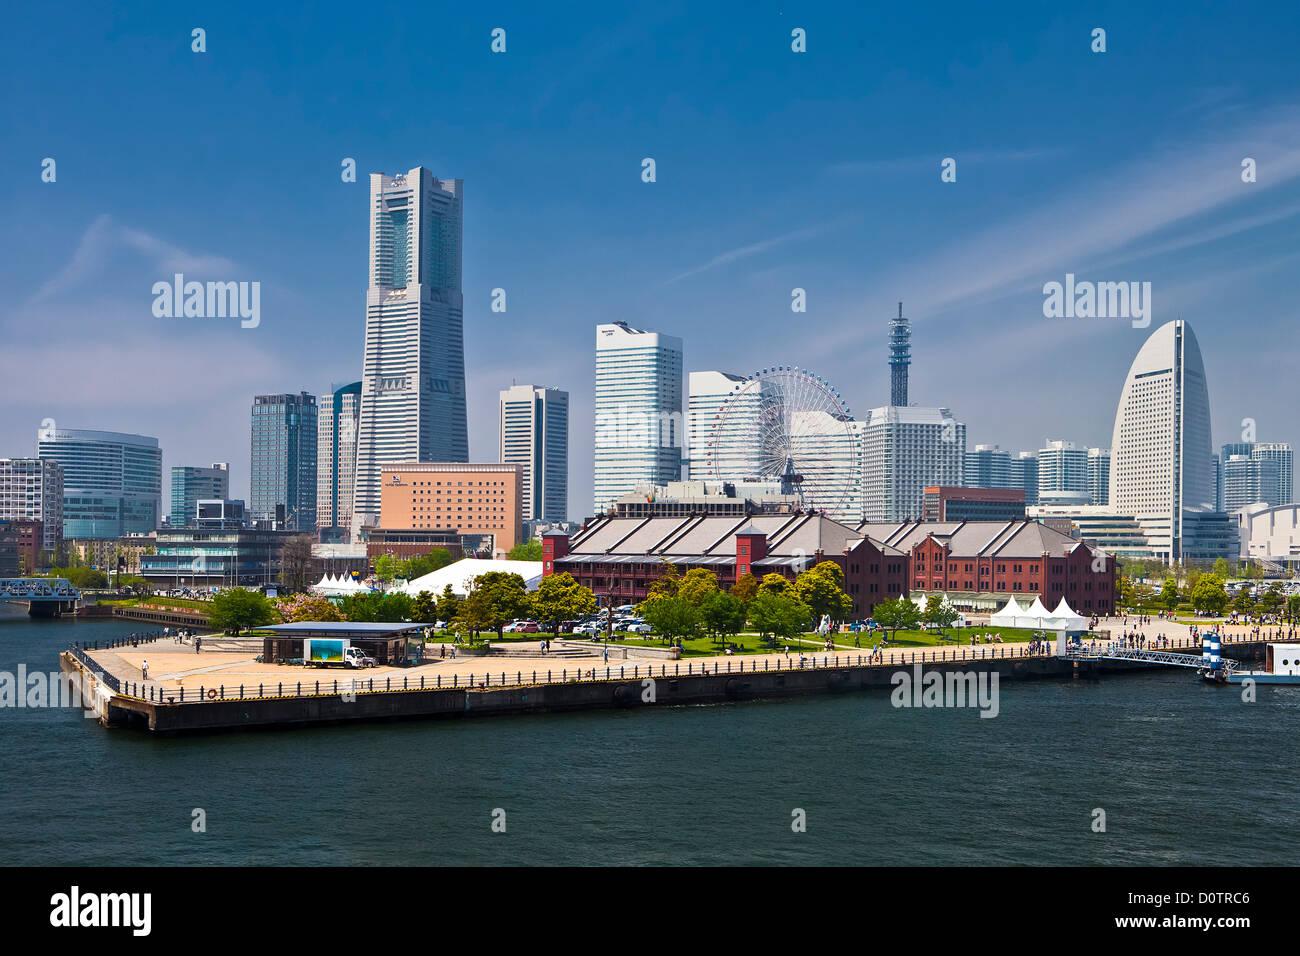 Japan, Asien, Urlaub, Reisen, Yokohama, Stadt, Skyline von Yokohama, Wahrzeichen, Gebäude, Hafen, Hafen Stockbild